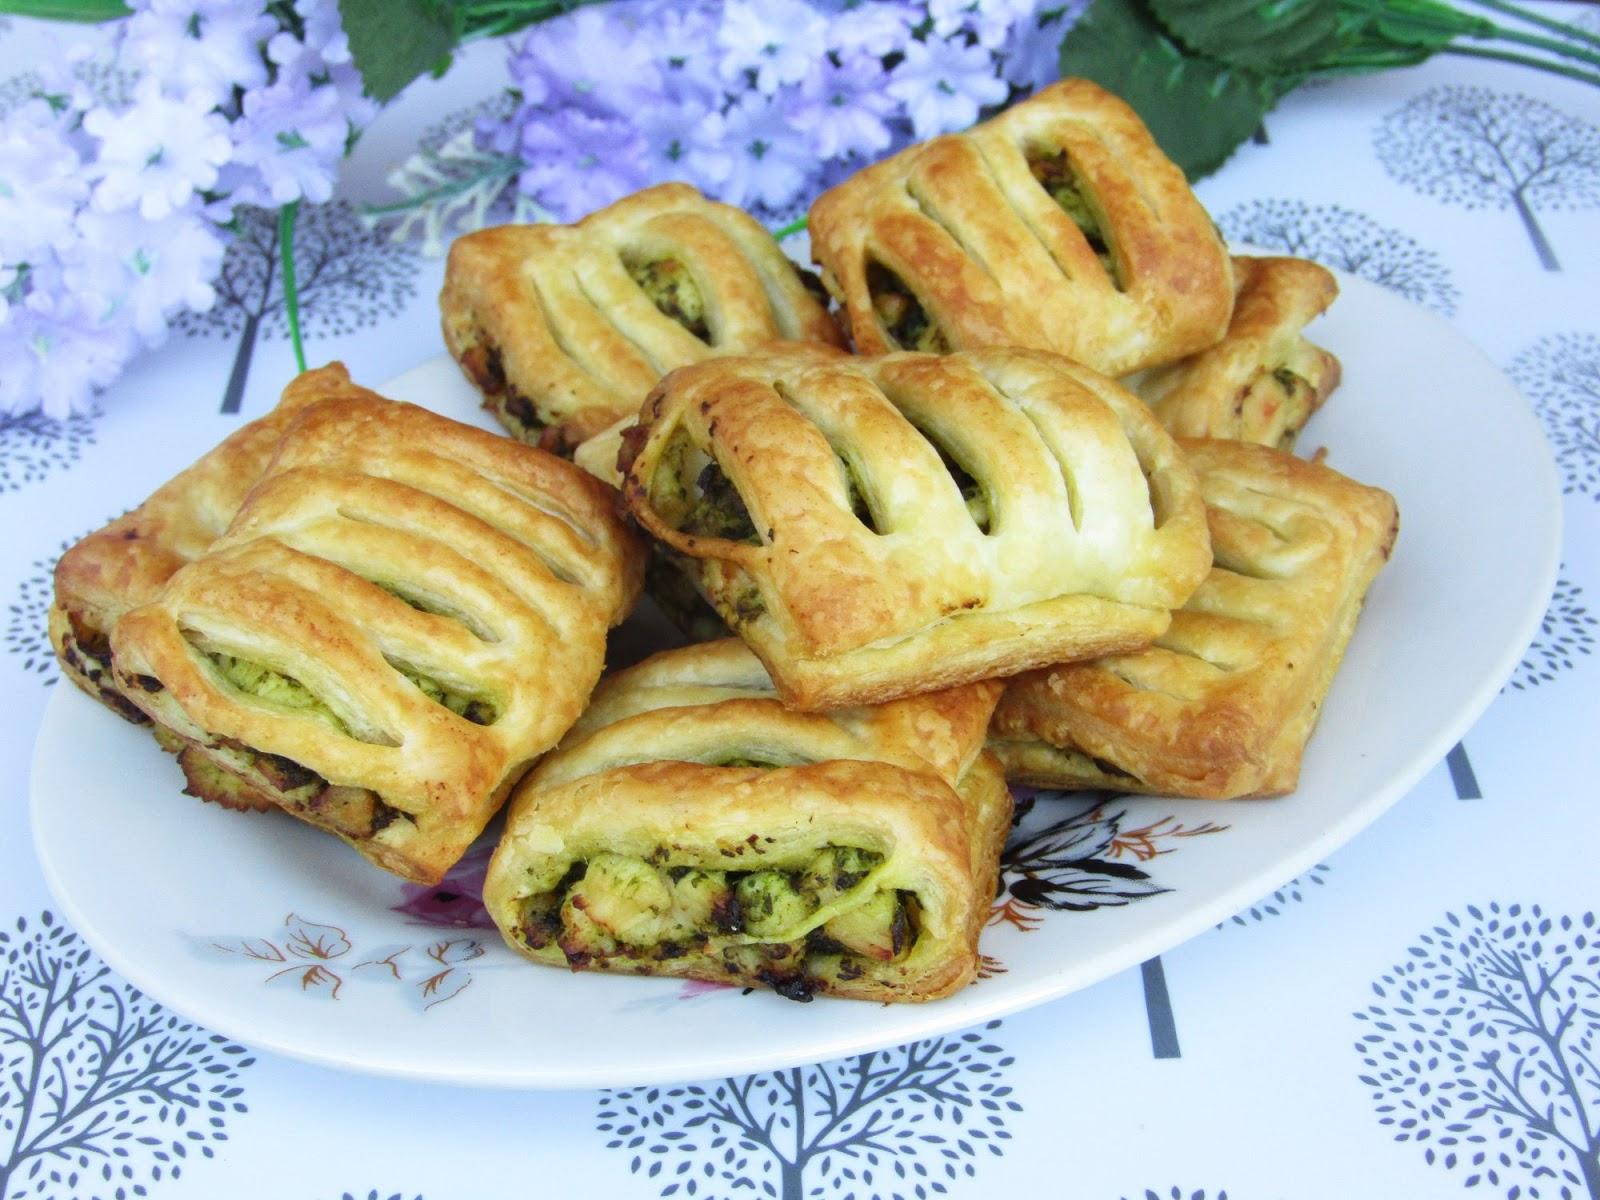 Tradycyjna Kuchnia Kasi Wytrawne Ciastka Francuskie Z Kurczakiem I